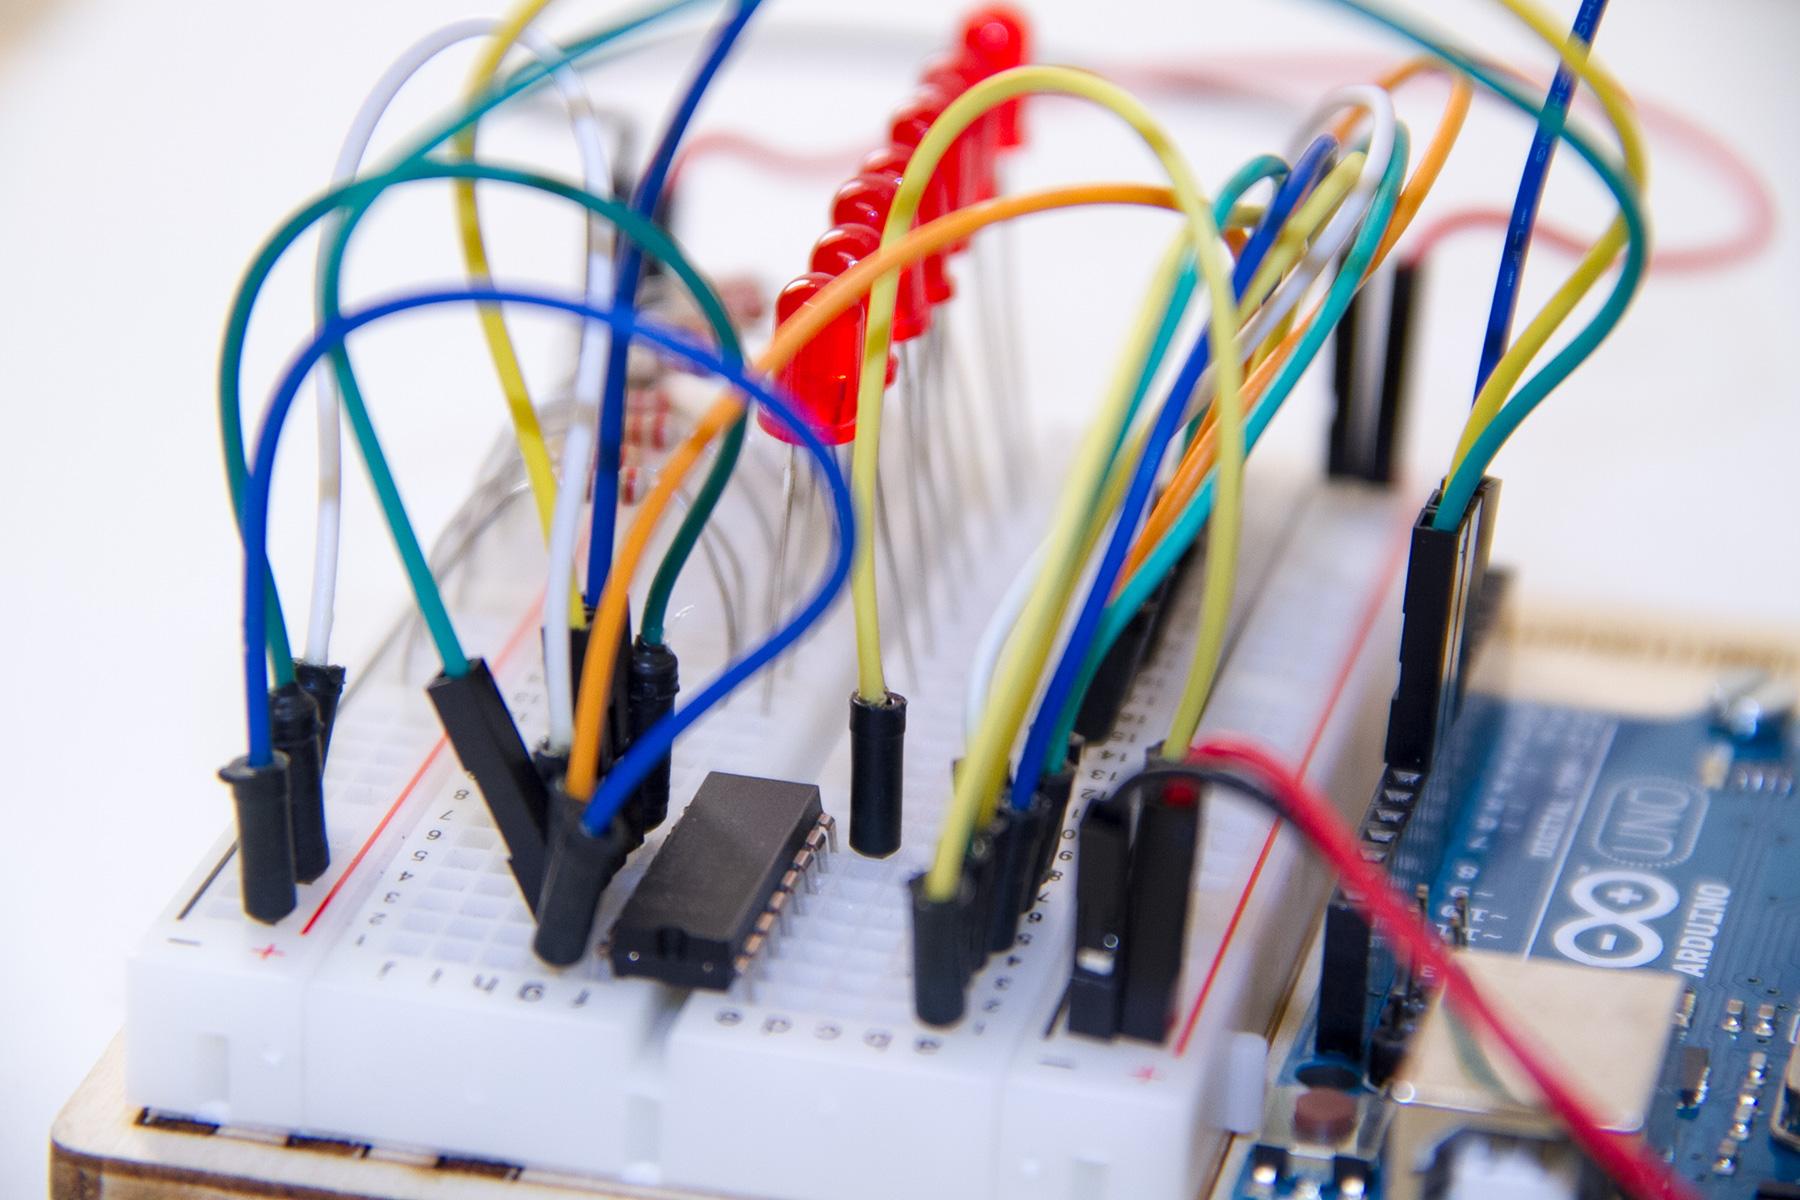 Das Schieberegister 74HC595 am Arduino